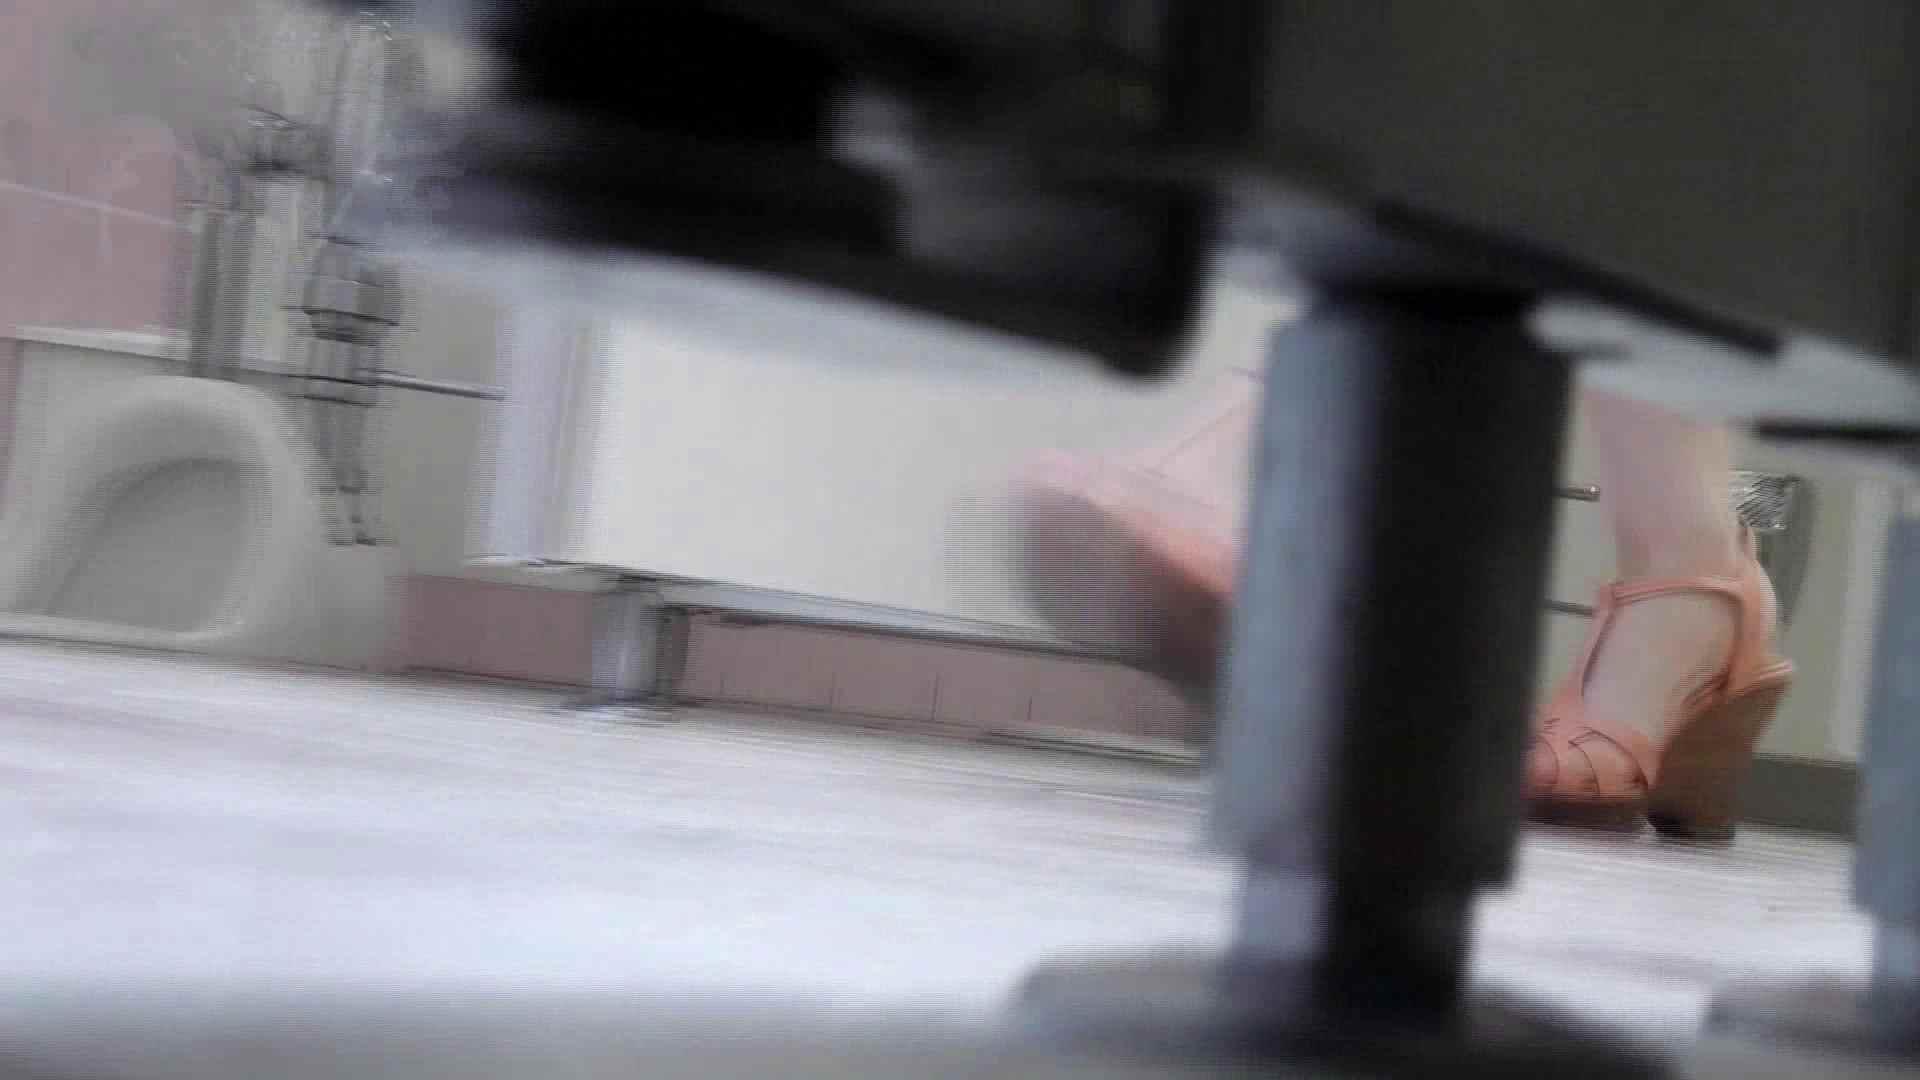 美しい日本の未来 No.17 番外編 ※※※閲覧注意※※※ 排泄隠し撮り | 盗撮師作品  99pic 1